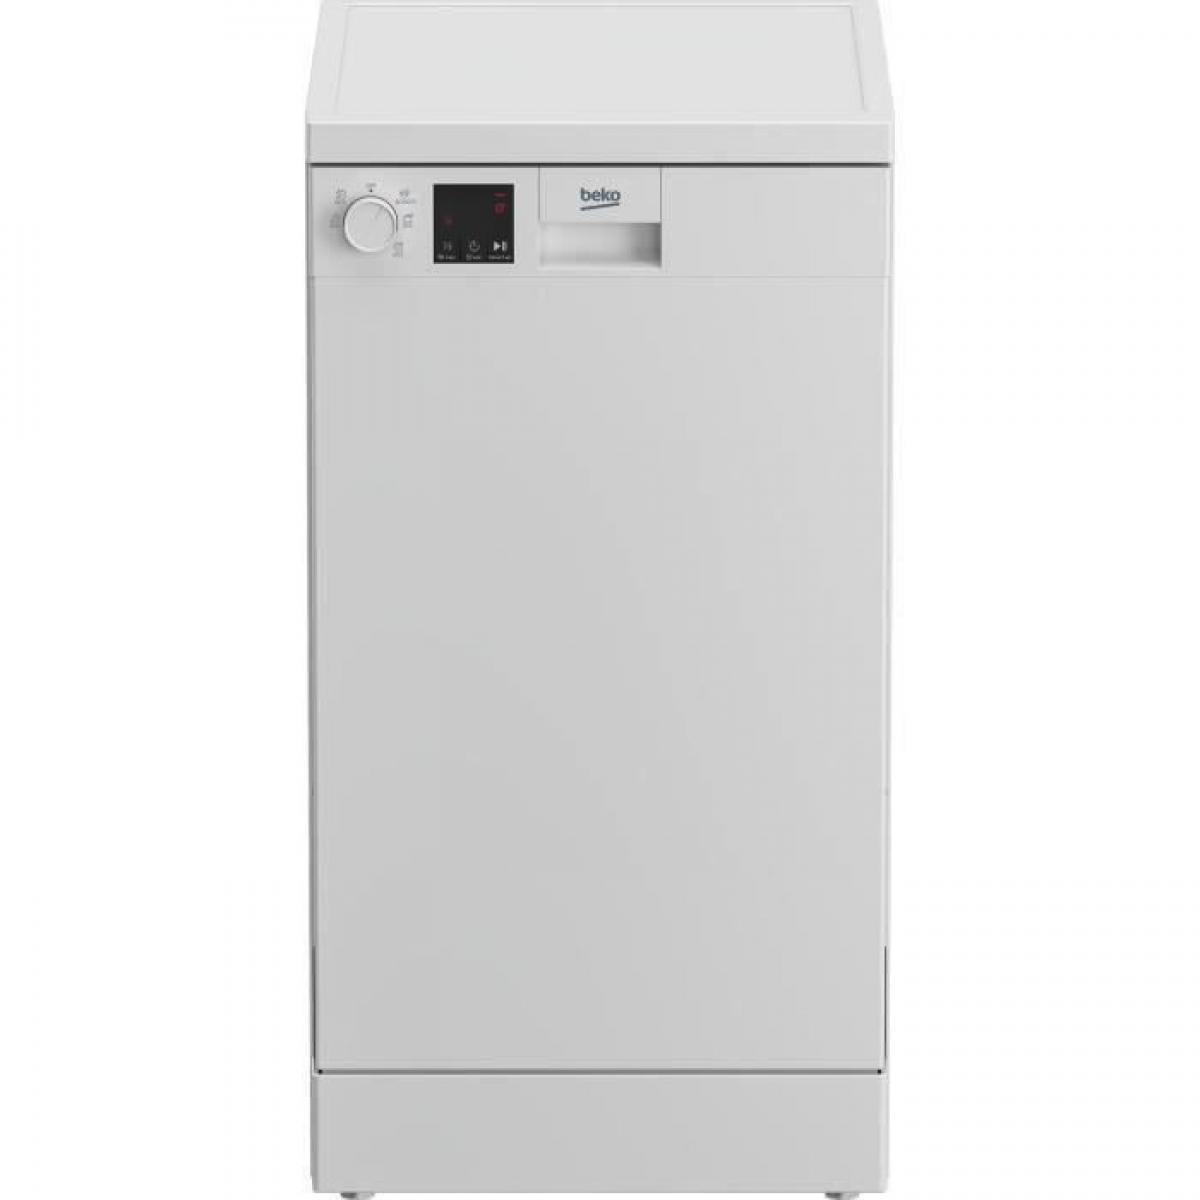 Beko Lave-vaisselle pose libre BEKO DVS05024W - 10 couverts - Largeur 45cm - 49 dB - Cuve inox - Blanc